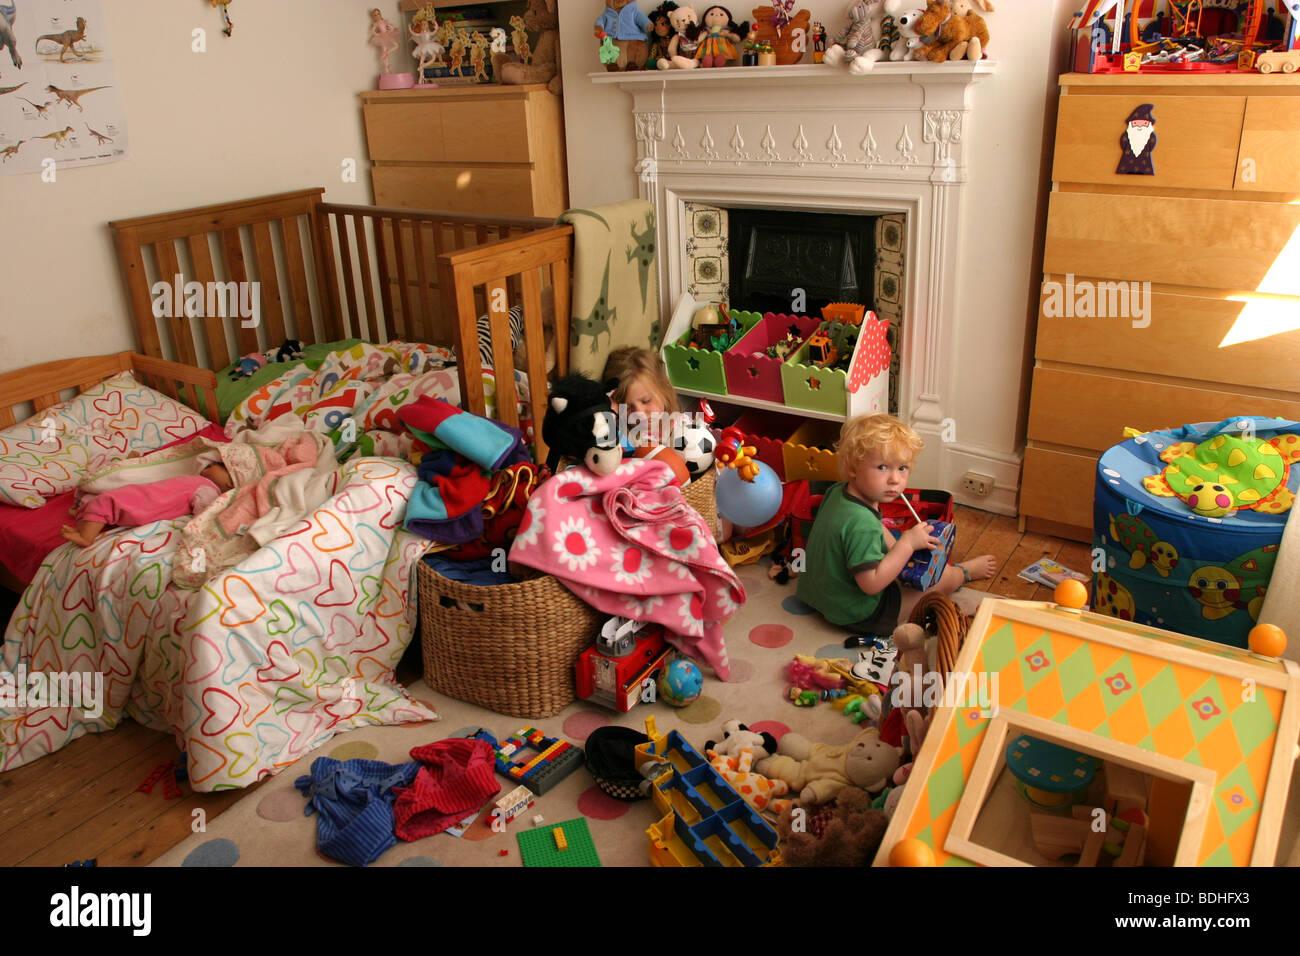 Hermano y hermana compartir dormitorio Imagen De Stock